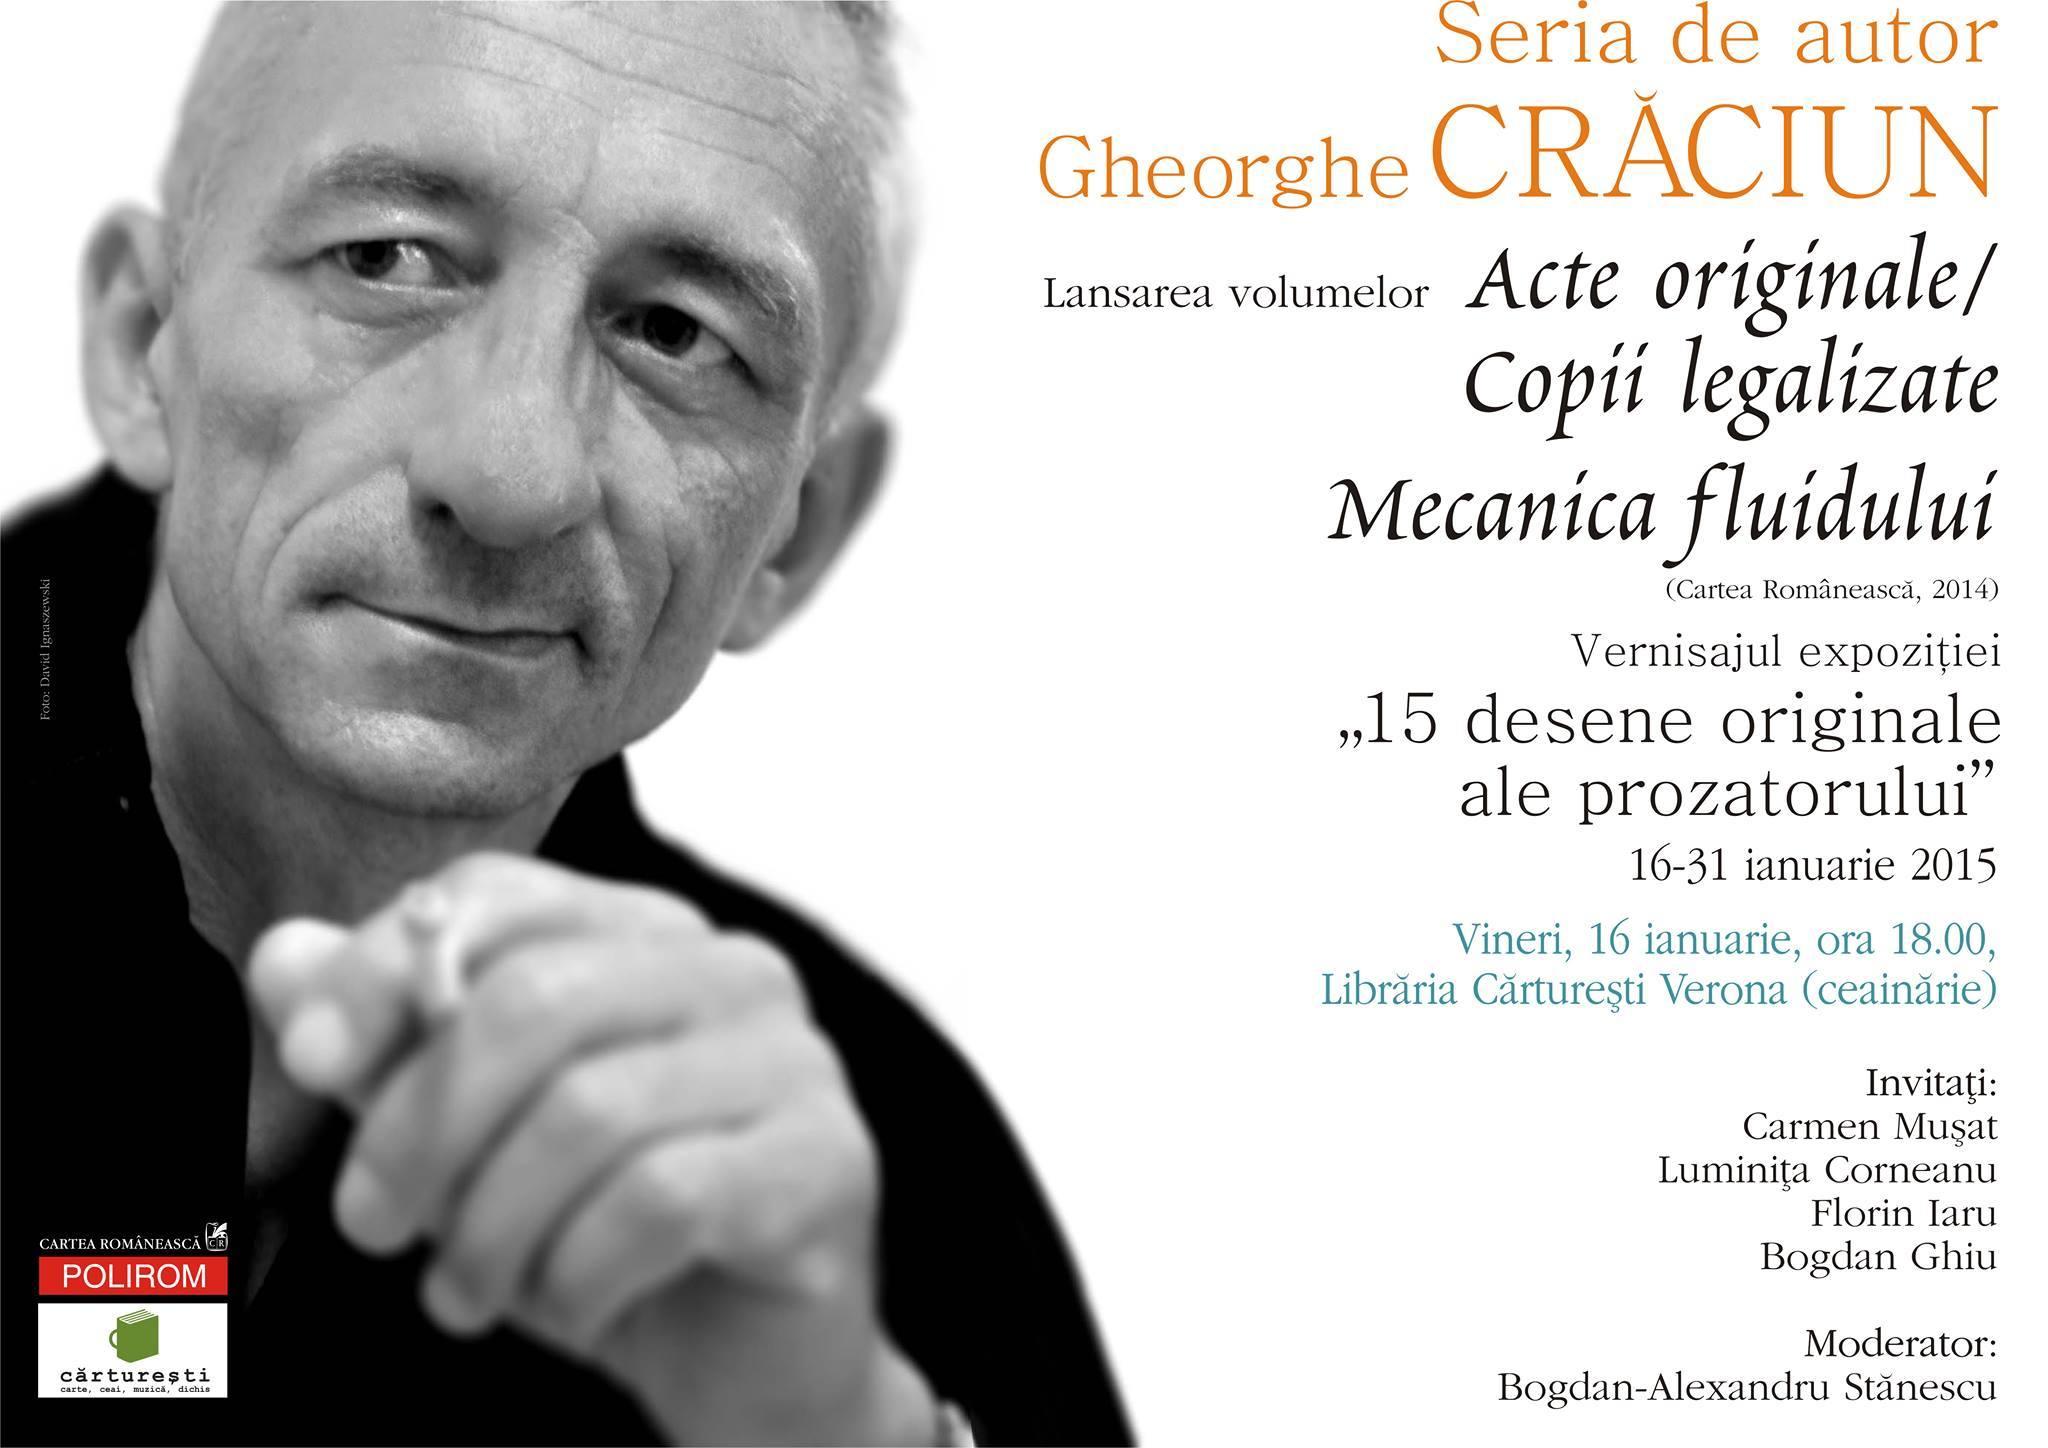 Lansarea Seriei de autor și vernisajul expoziției dedicate lui Gheorghe Crăciun la Cărturești Verona